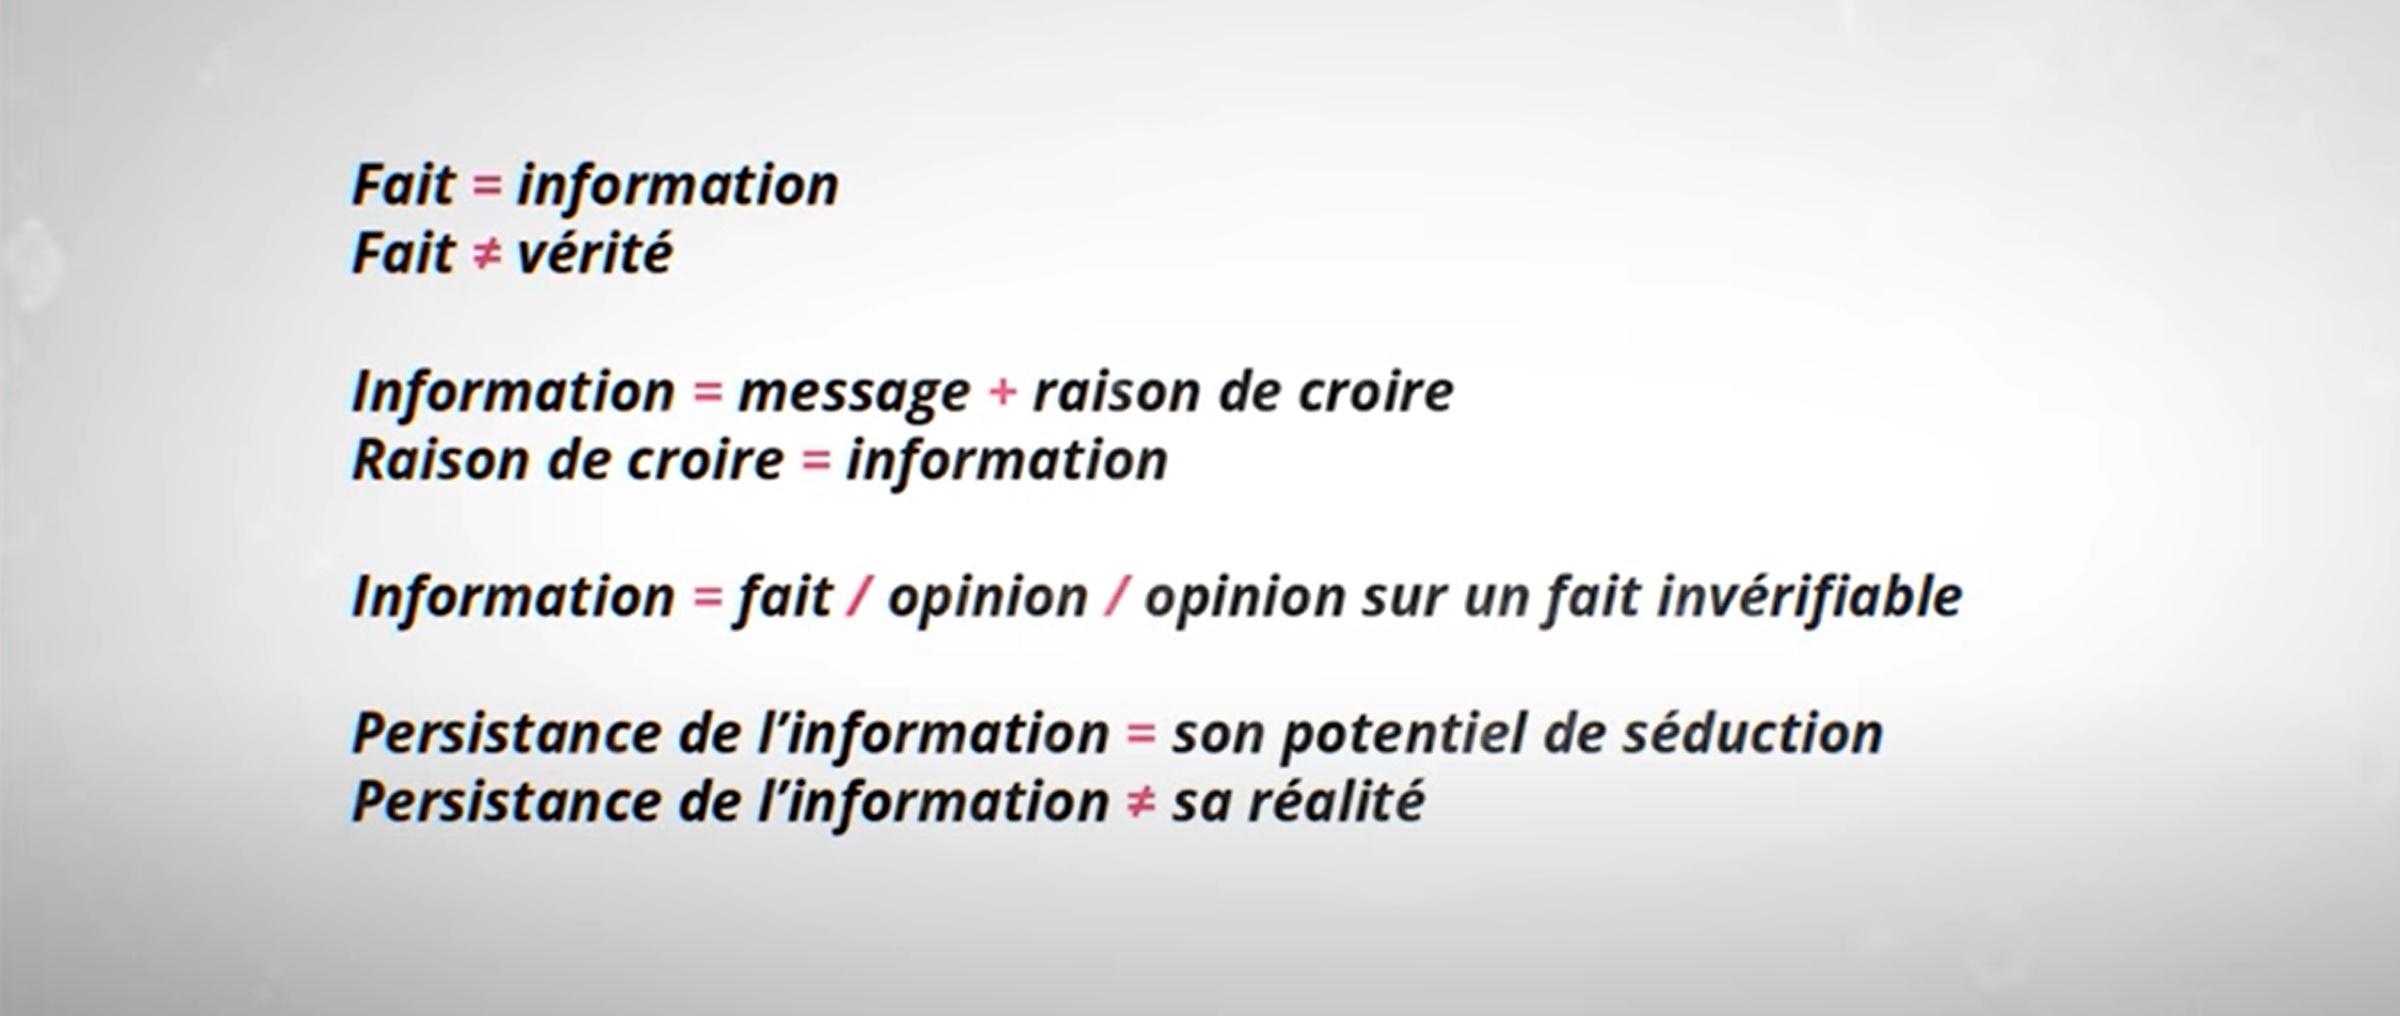 Fait = information. Fait ≠ vérité. Information = message + raison de croire. Rasion de croire = information. Information = fait / opinion / opininon sur un fait invérifiable. Persistance de l'information = son potentiel de séduction. Persistance de l'information ≠ sa réalité.